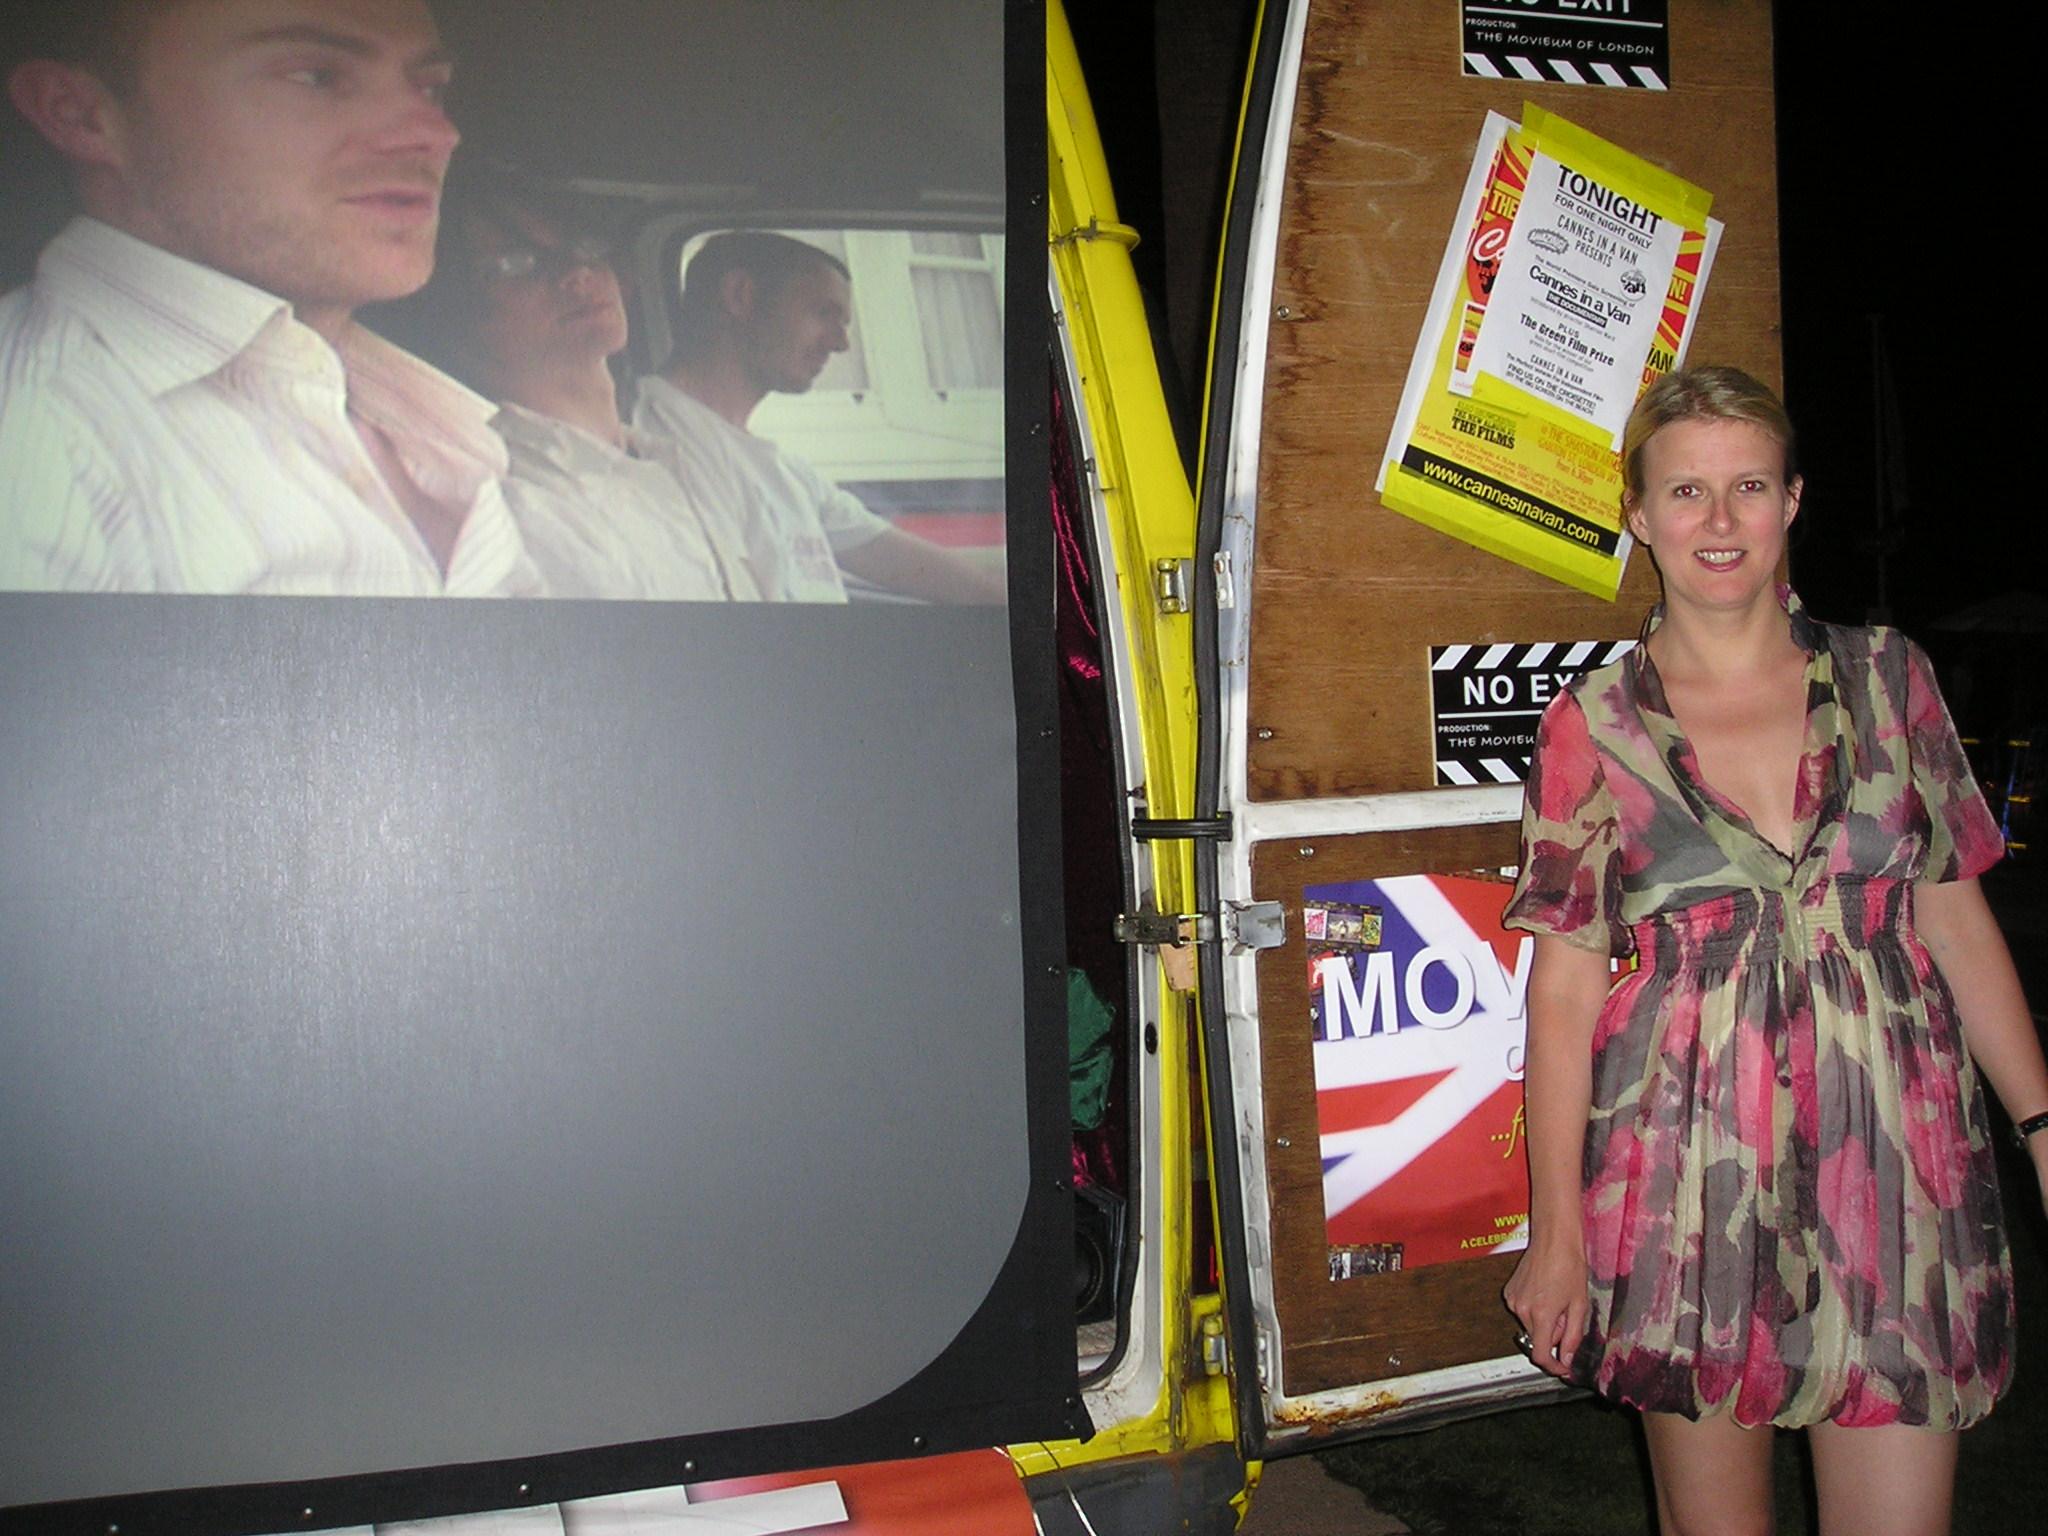 Sharron Ward in Cannes in a Van (2008)